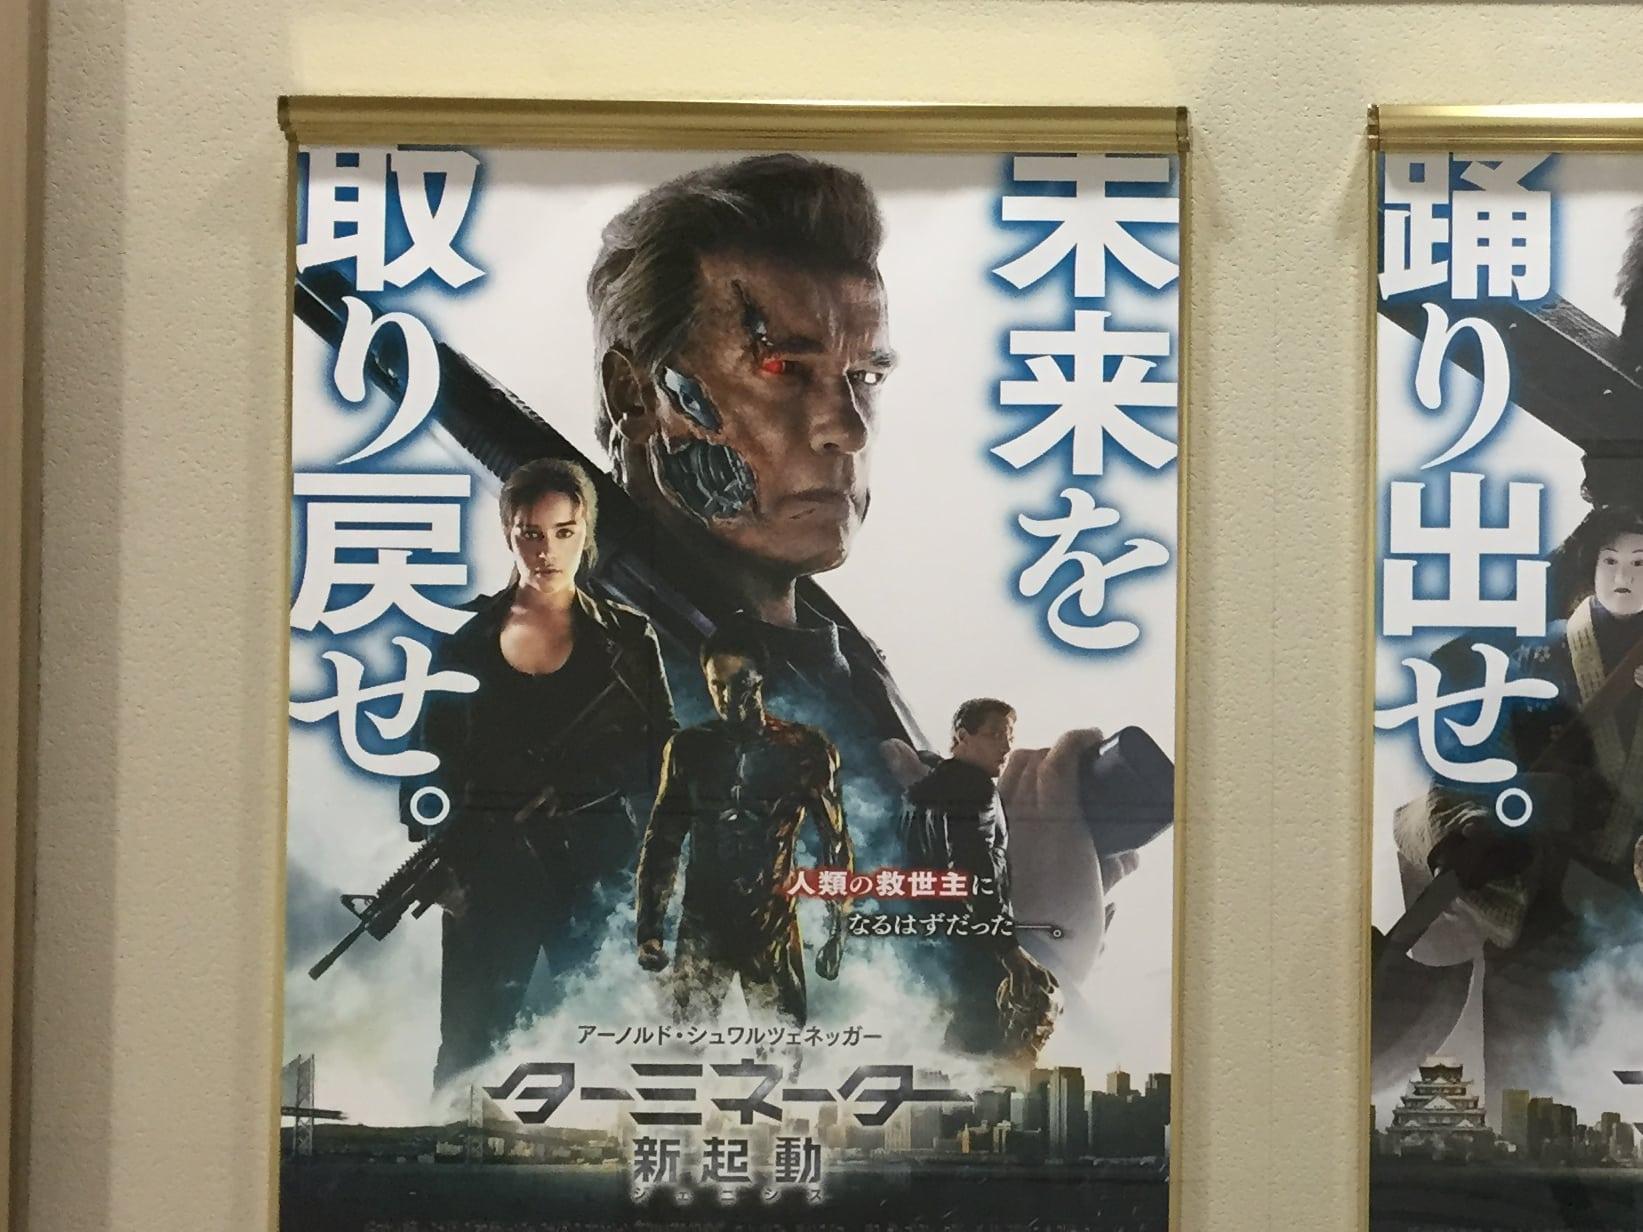 大阪のおもしろ広告